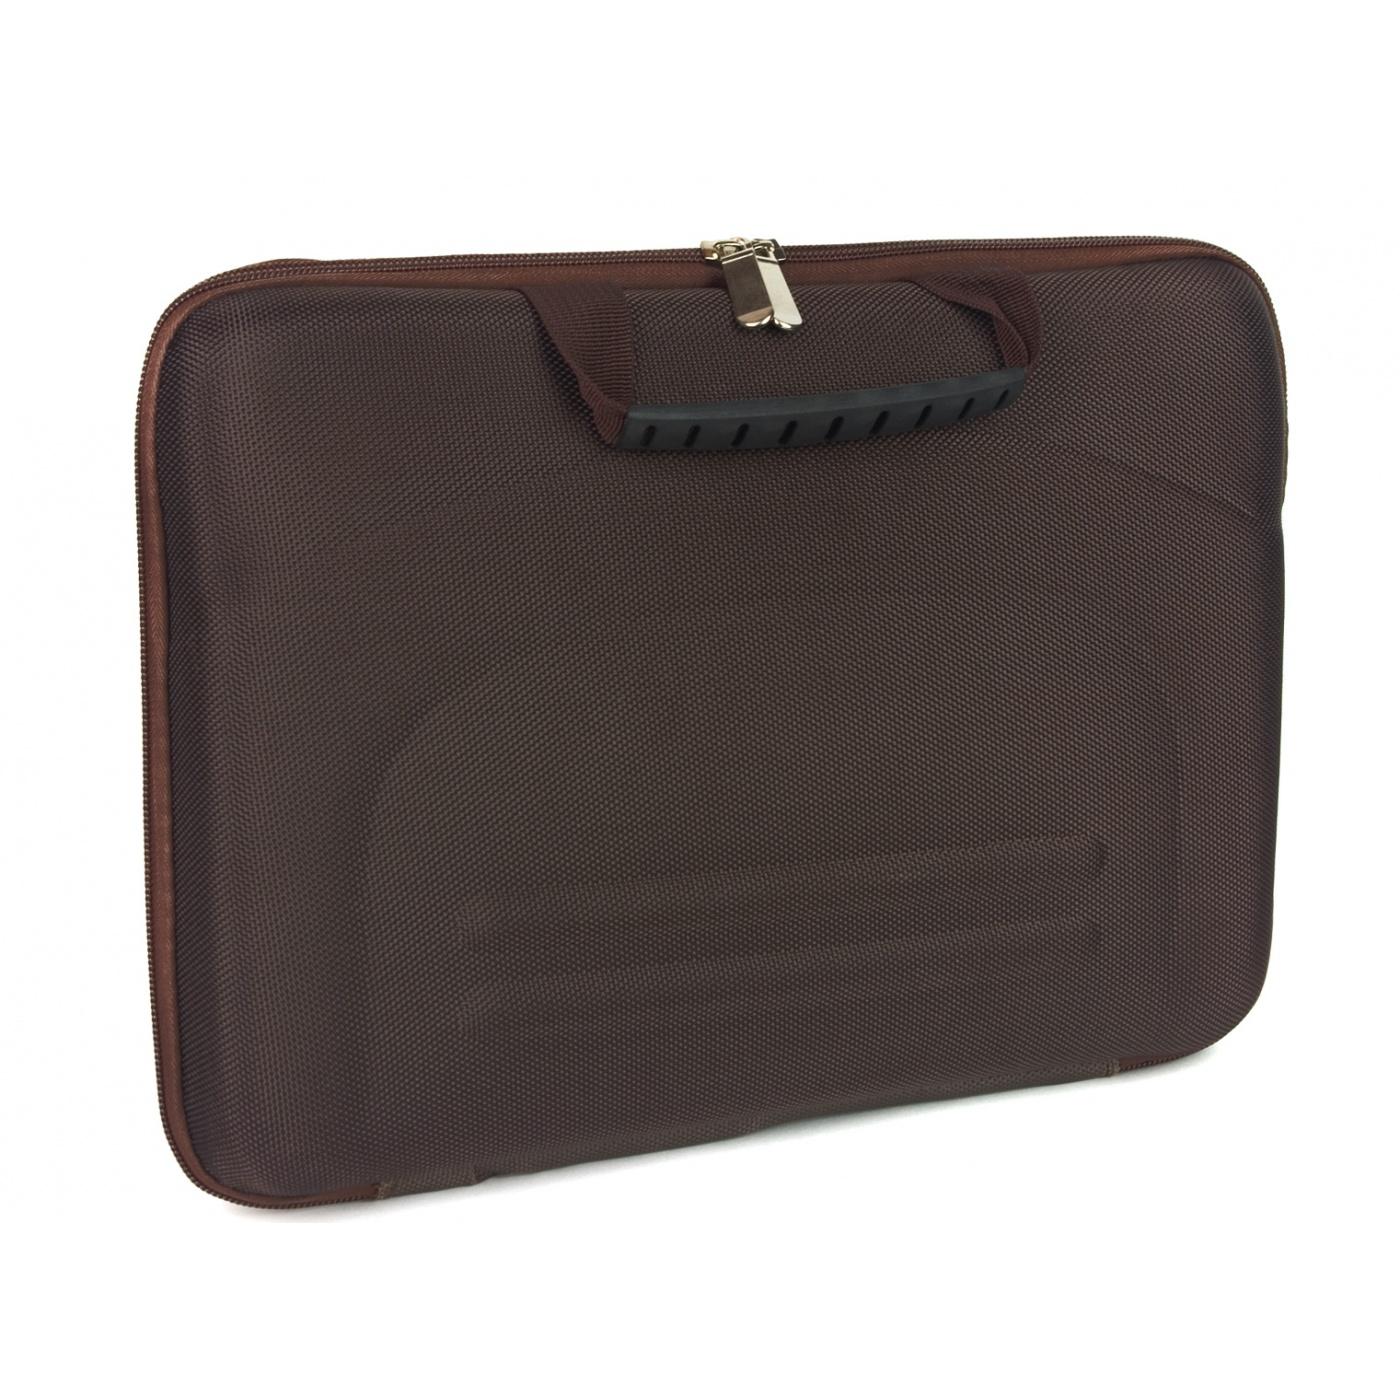 Torba, futerał na laptopa – brązowa